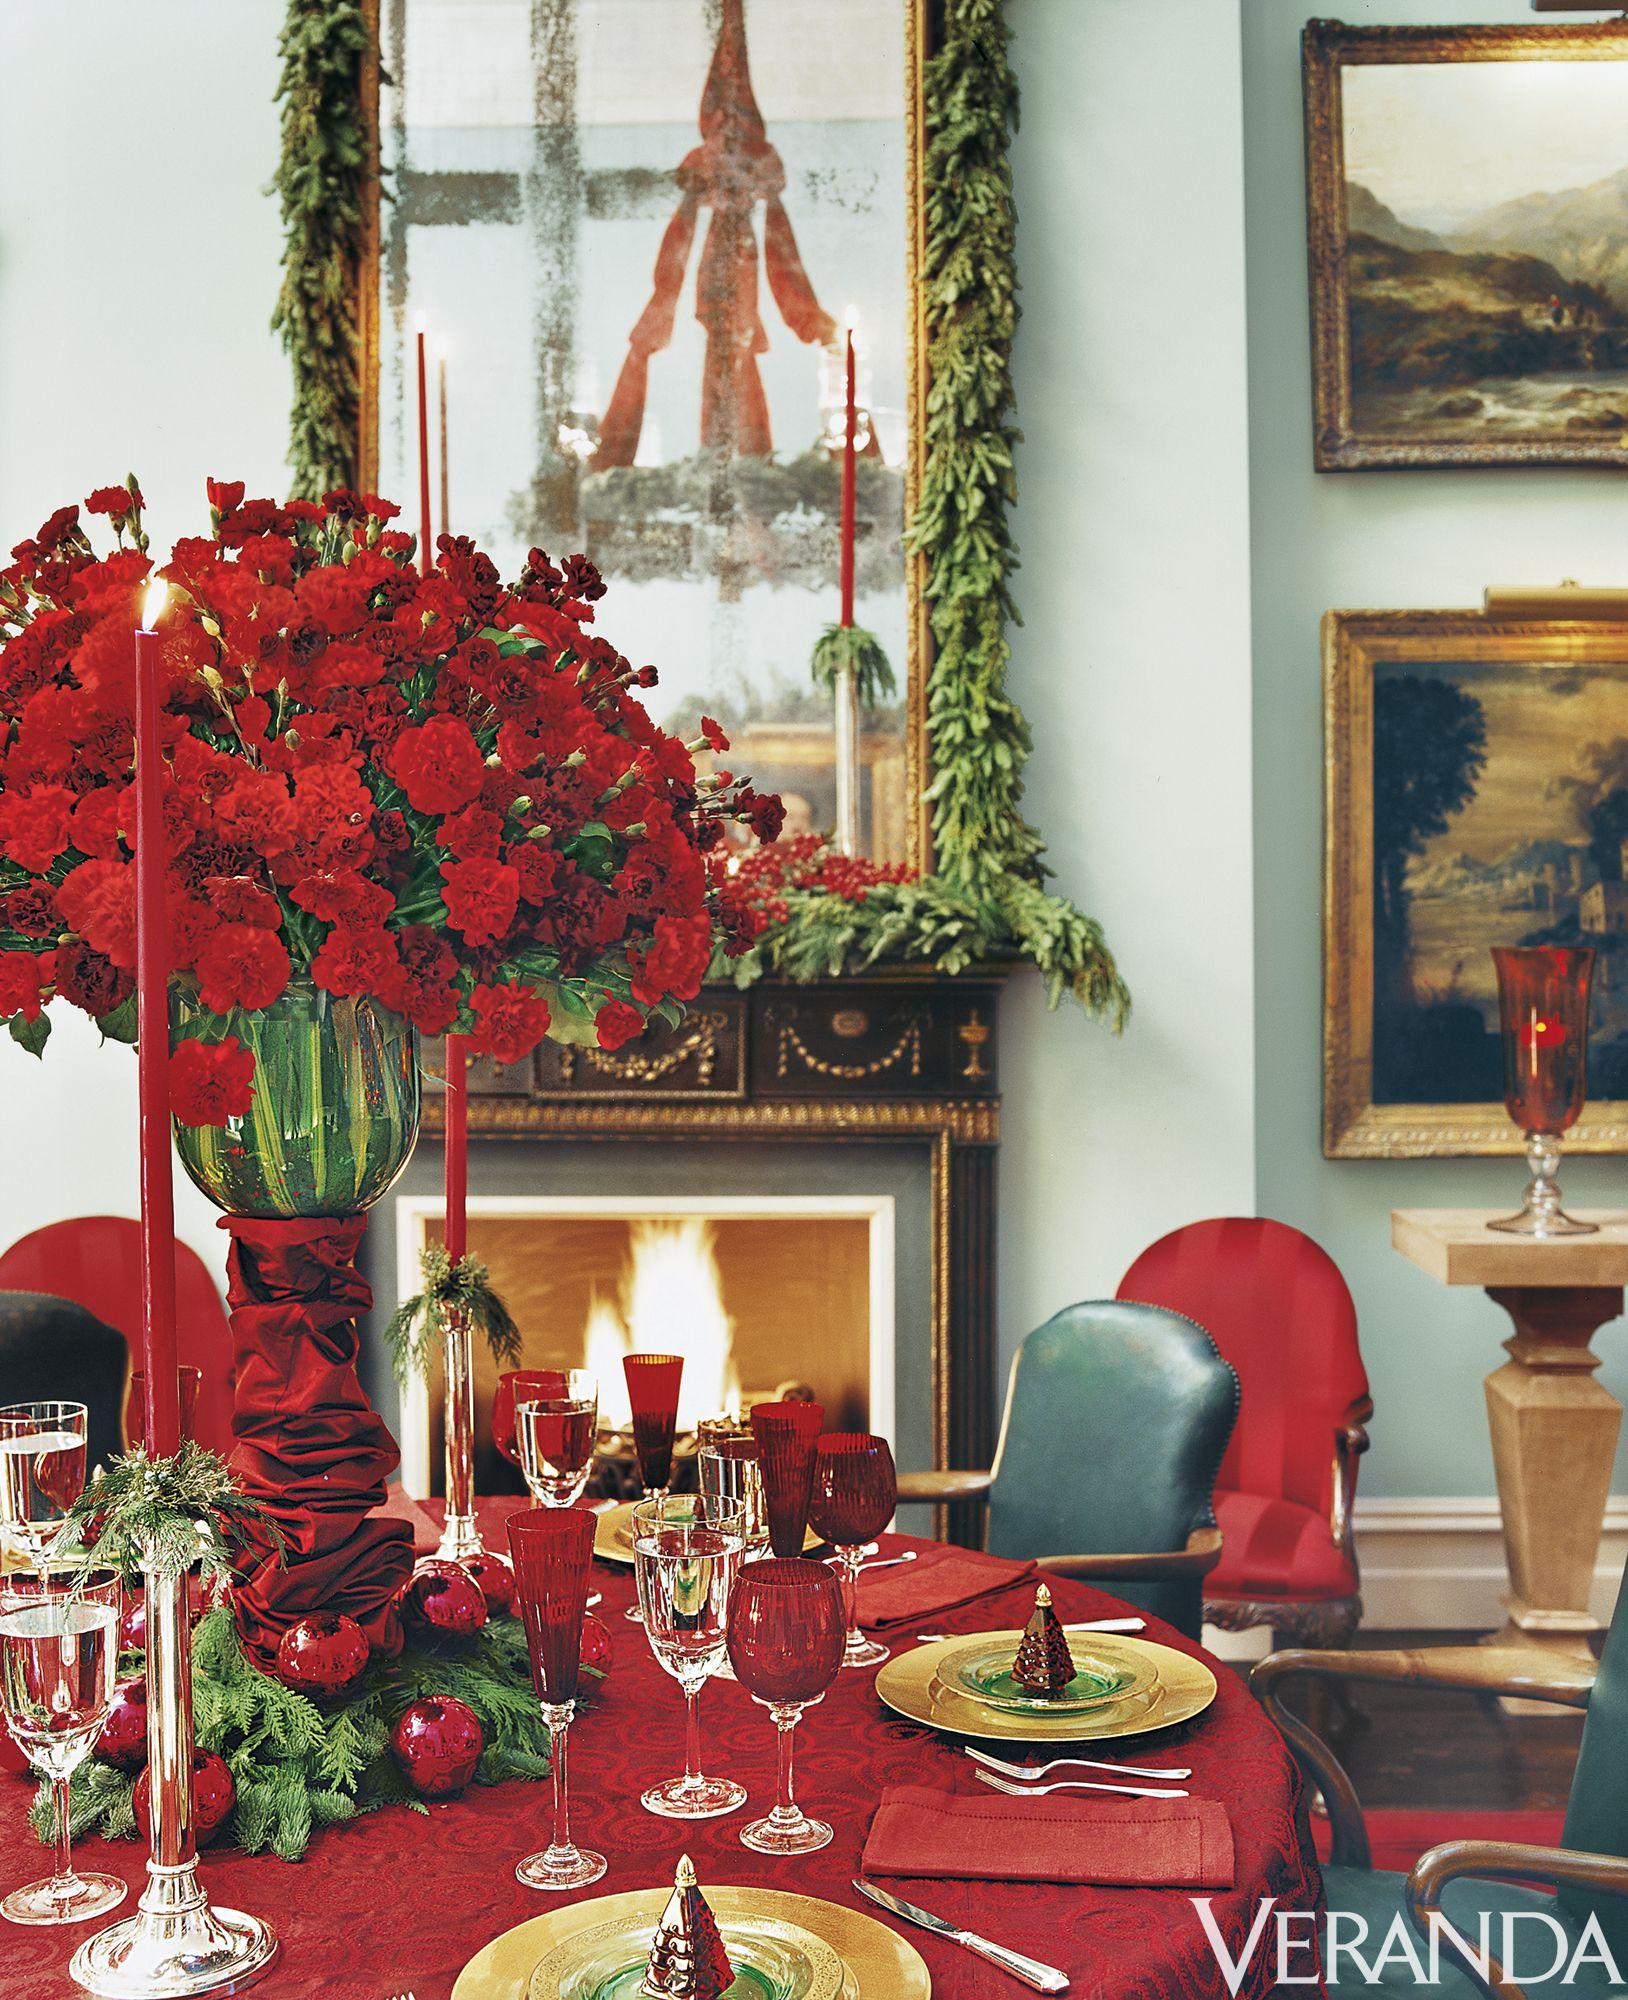 15 best winter flower arrangements gorgeous winter flowers plants - Floral Table Decorations For Christmas